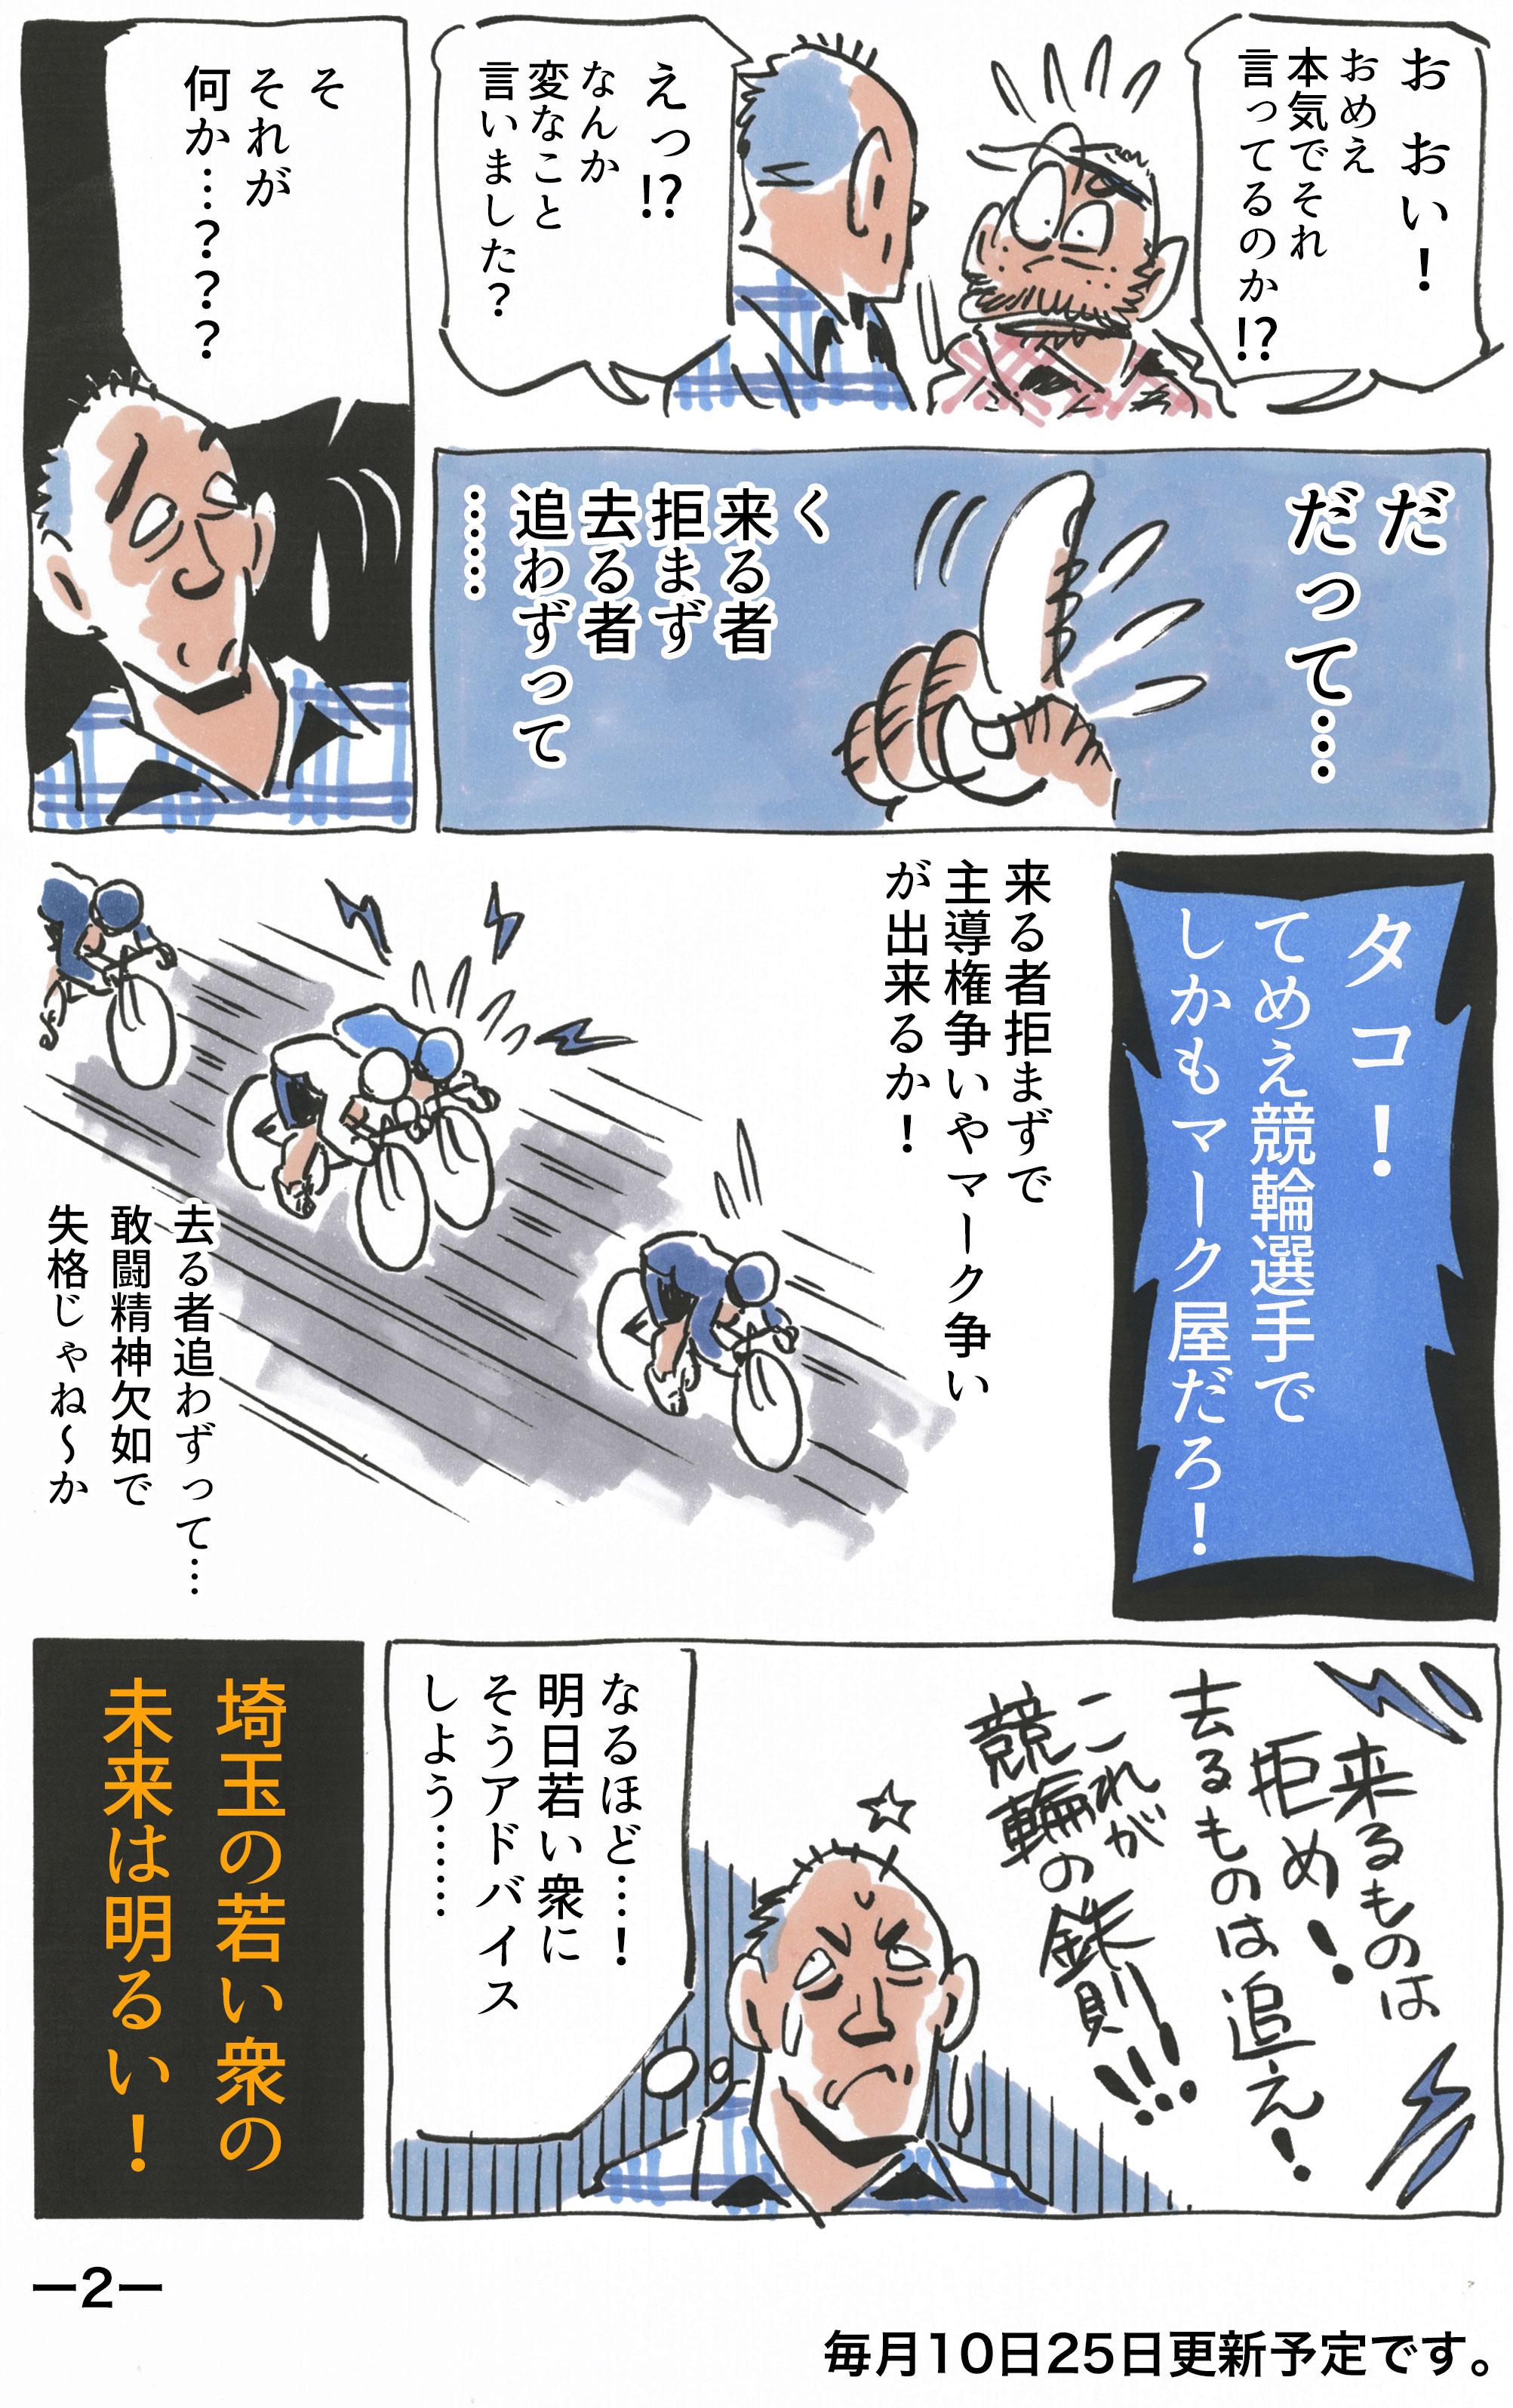 56期埼玉 中田健二(54才)